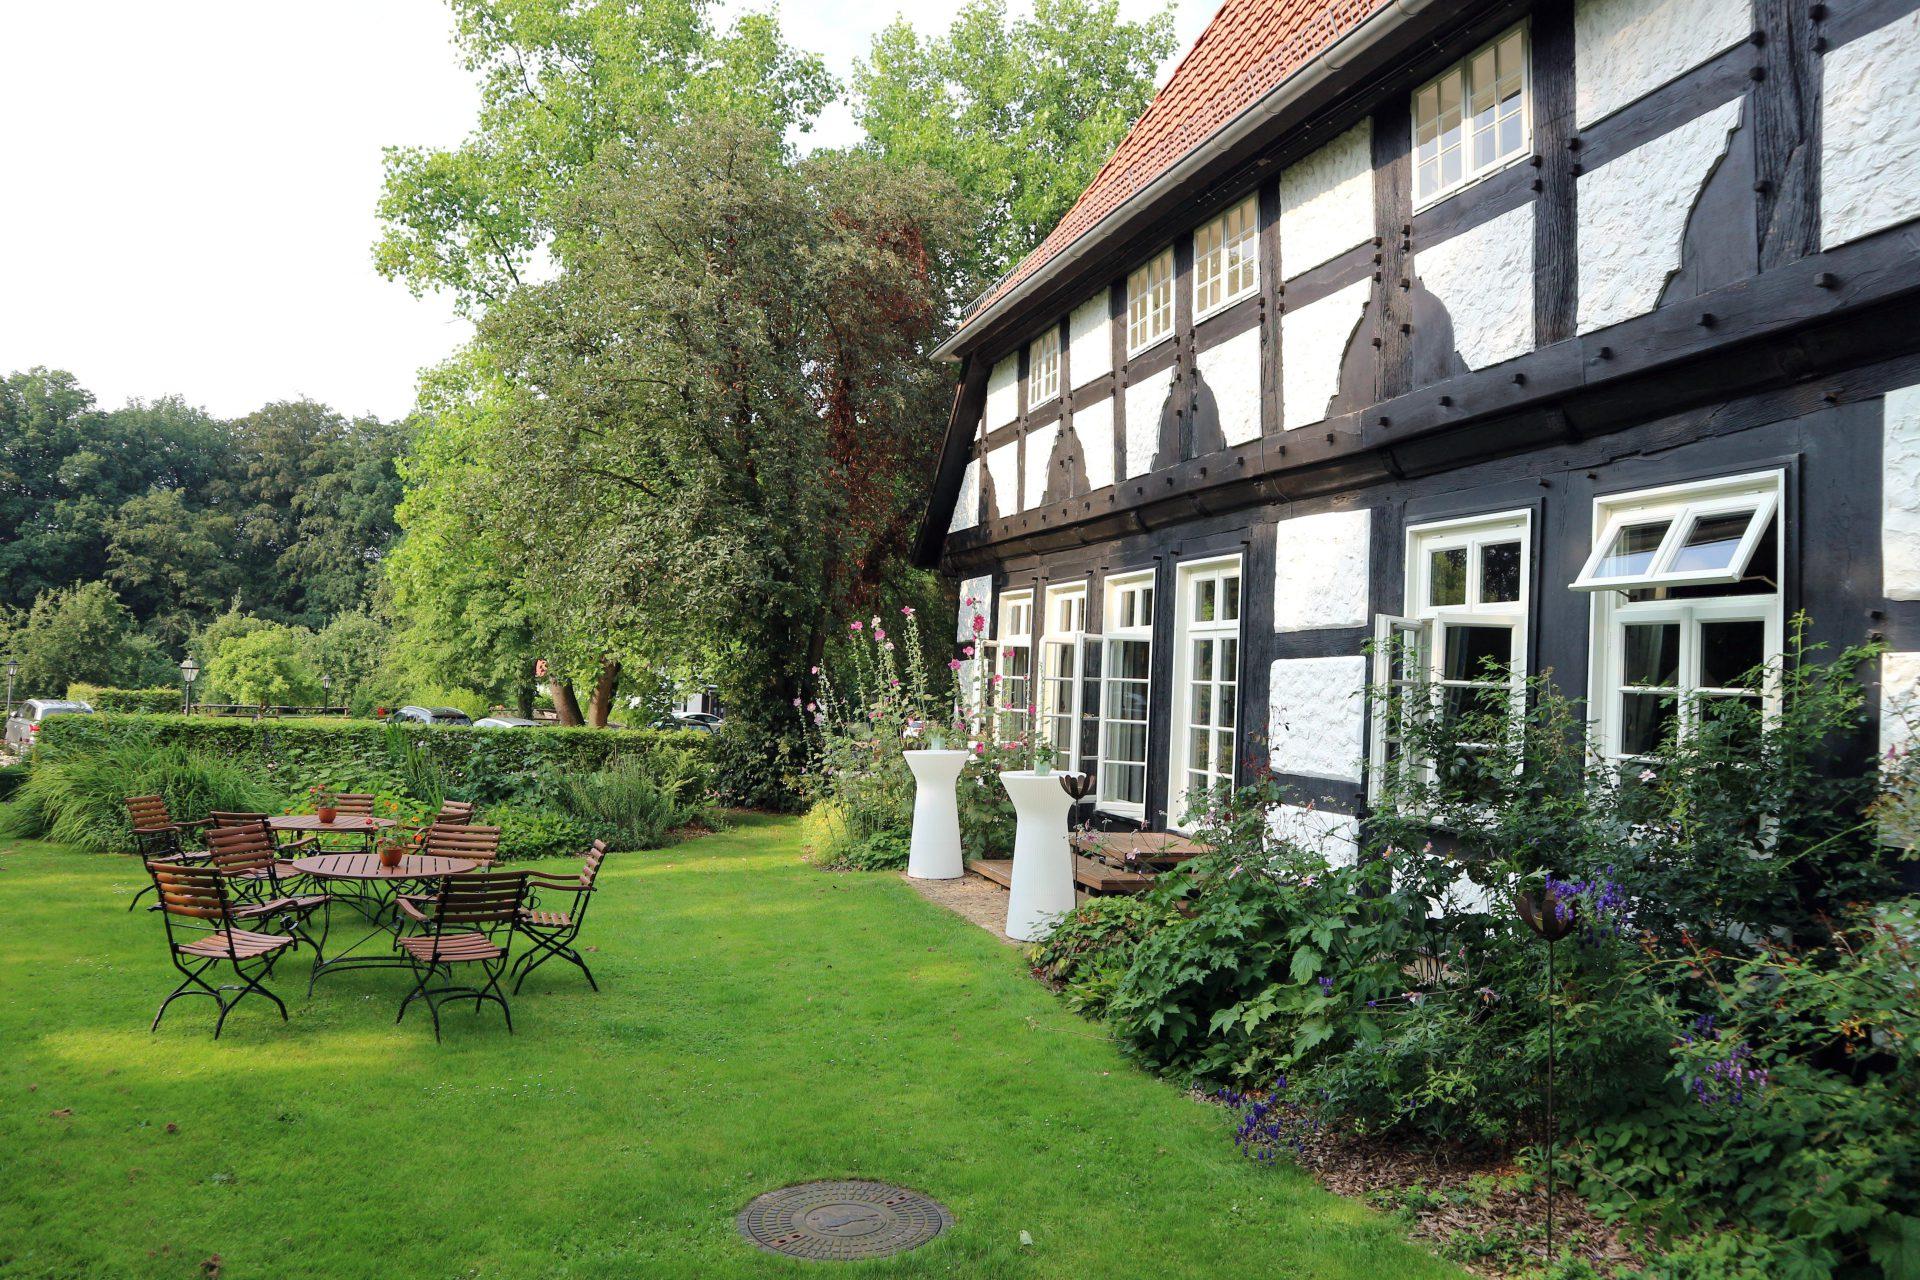 Forsthaus Heiligenberg.  Teil der Küche sind die Degustations-Menüs, bei der die Vielfalt der Speisen noch intensiver erlebt werden kann.